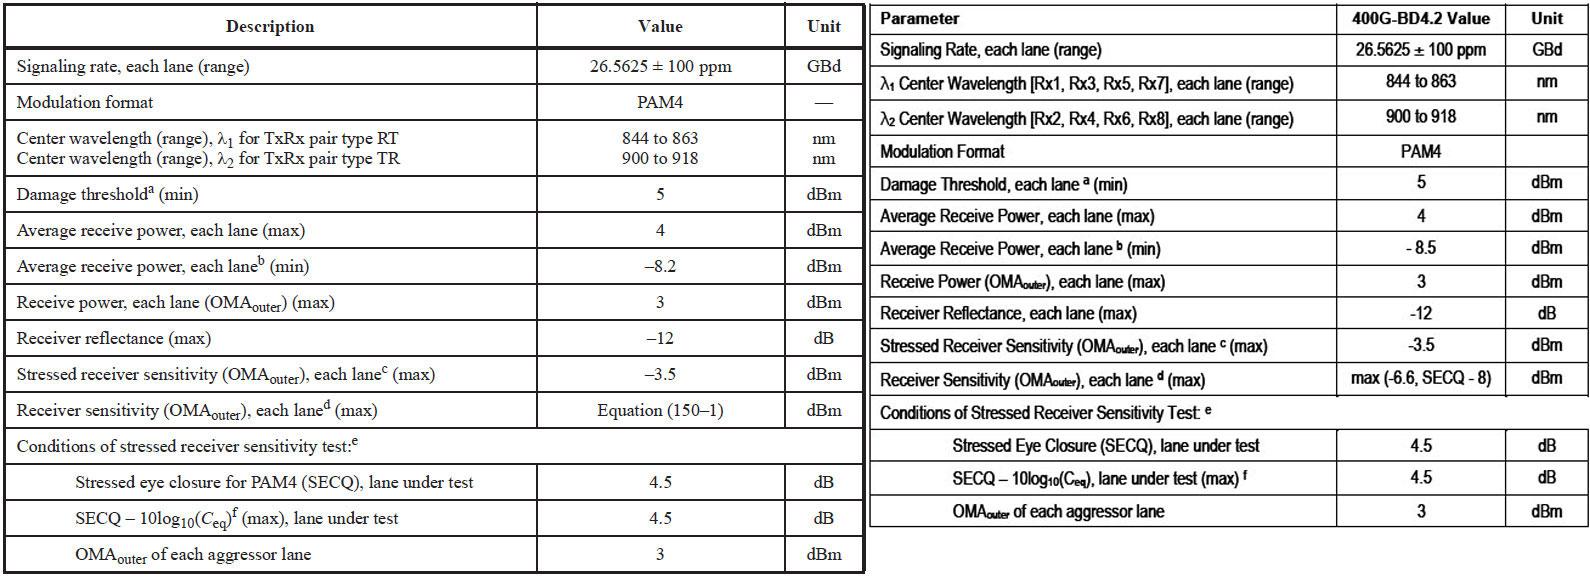 """右が400G-BD4.2、左が400GBASE-SR4.2の受信パラメーター。Receiver sensitivityは""""Equation(150-1)""""となっているが、式そのものは変わらず。出典は""""<a href=""""https://standards.ieee.org/standard/802_3cm-2020.html"""" class=""""strong bn"""" target=""""_blank"""">IEEE 802.3cm-2020</a>""""のTable 150-8と、""""<a href=""""https://www.gigalight.com/downloads/standards/400G-BiDi-MSA.pdf"""" class=""""strong bn"""" target=""""_blank"""">400G BiDi Technical Specification, Revision 1.0</a>""""のTable 2-3"""